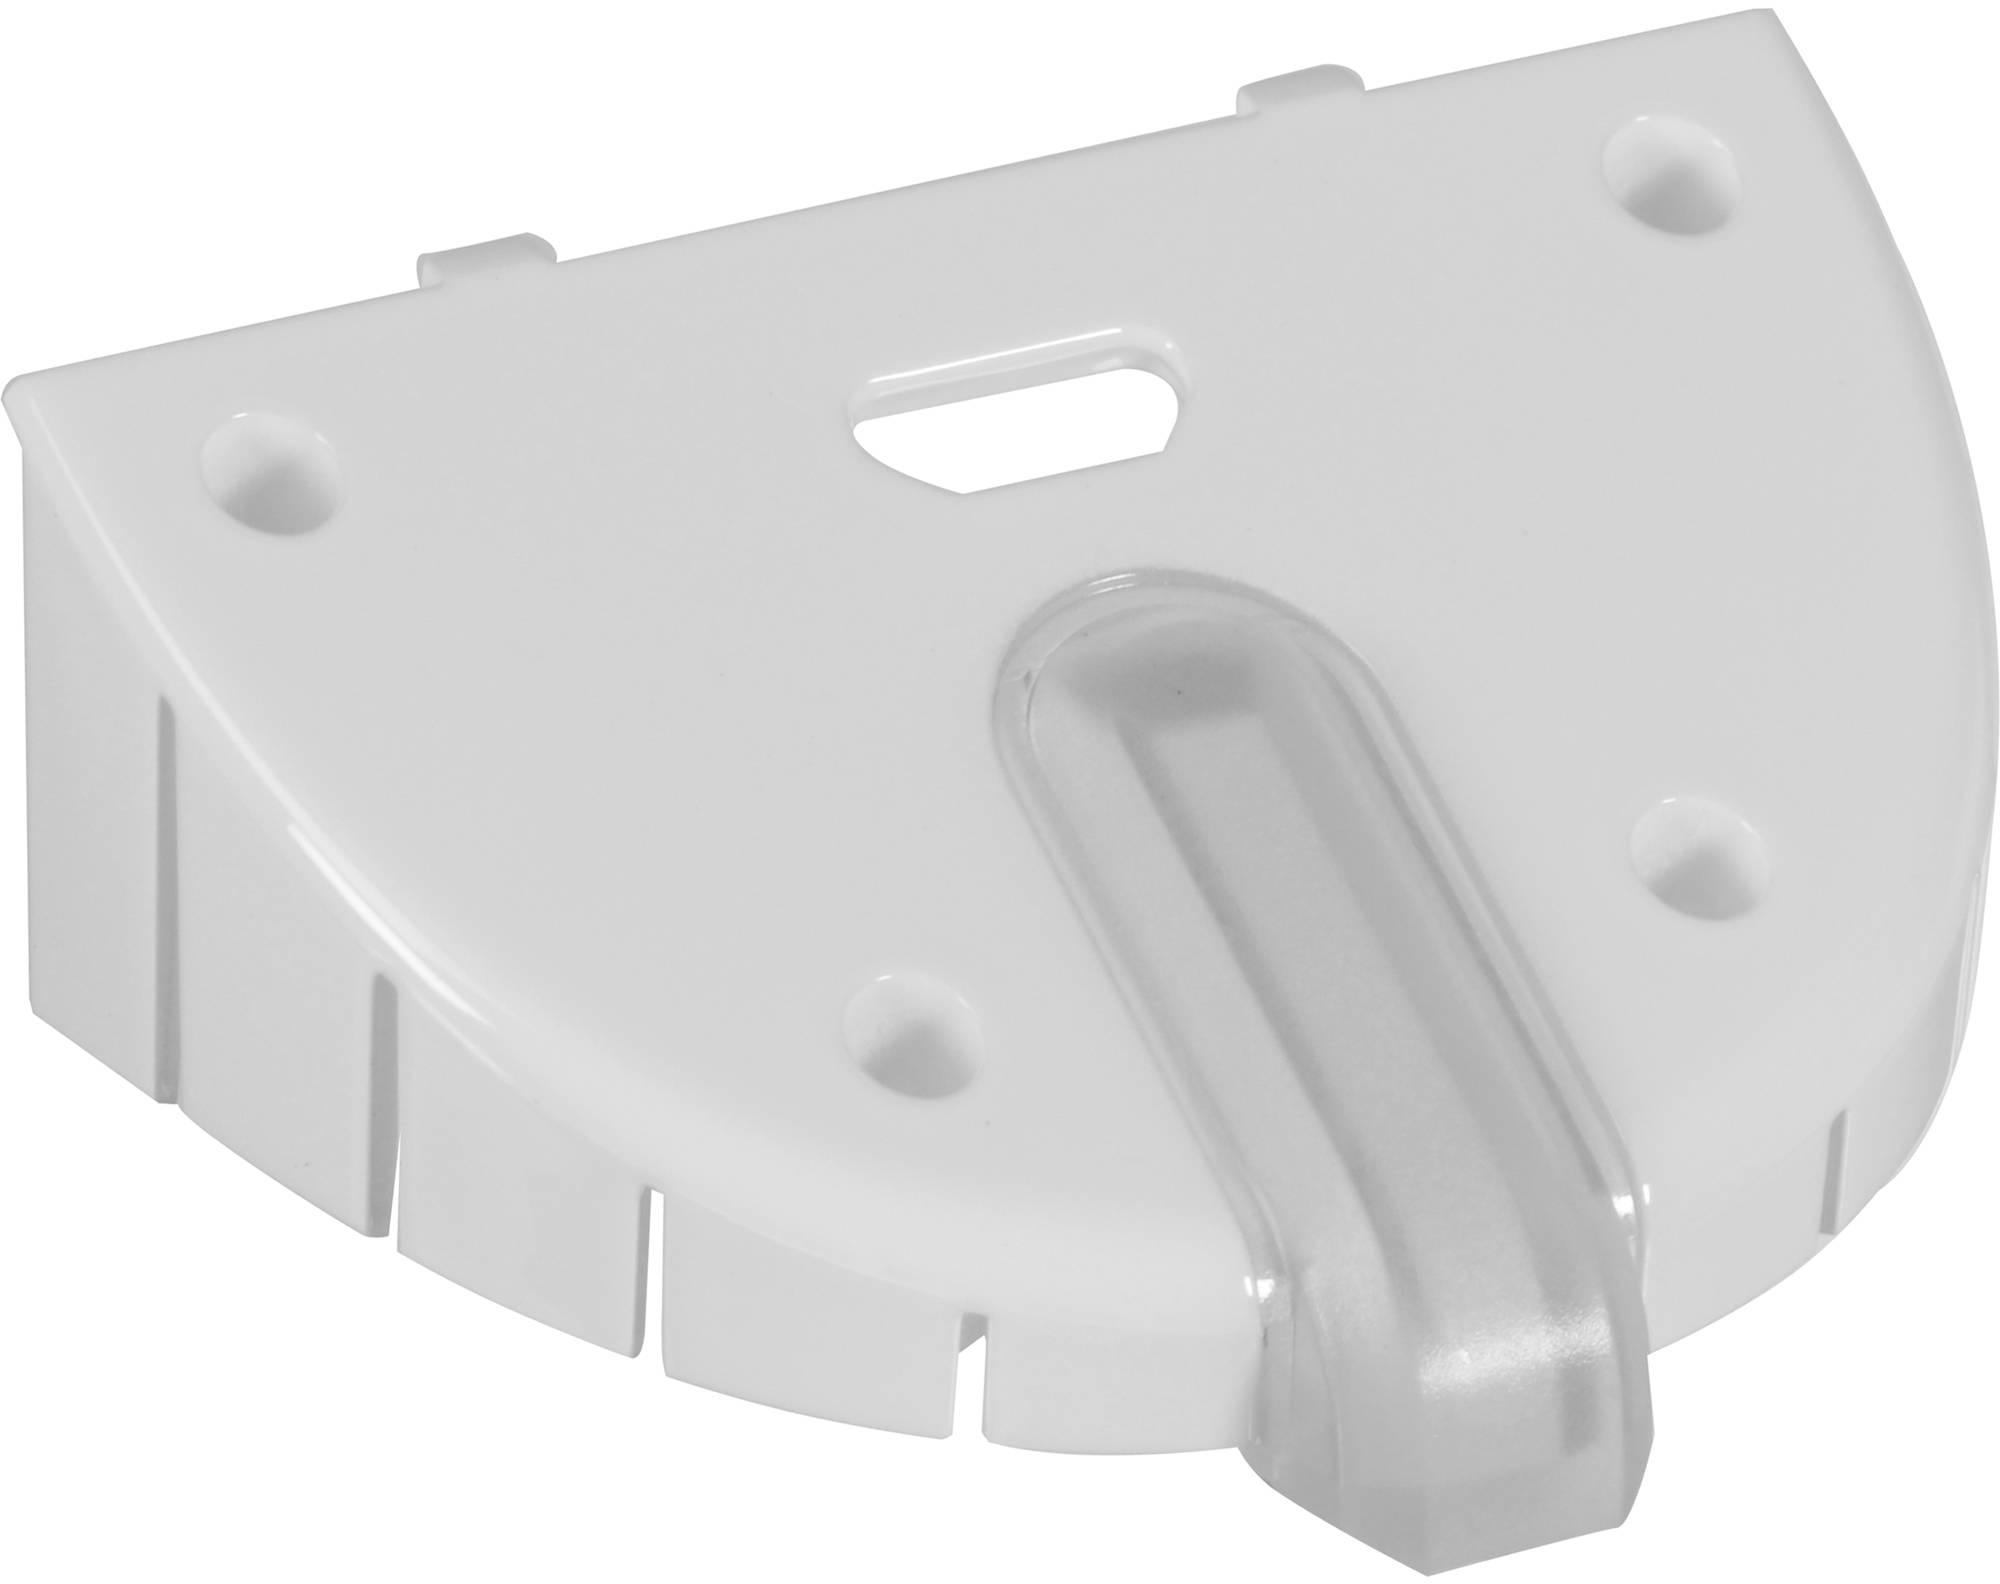 Панель хвостовой части для Inspire 1 Taillight Cover-1